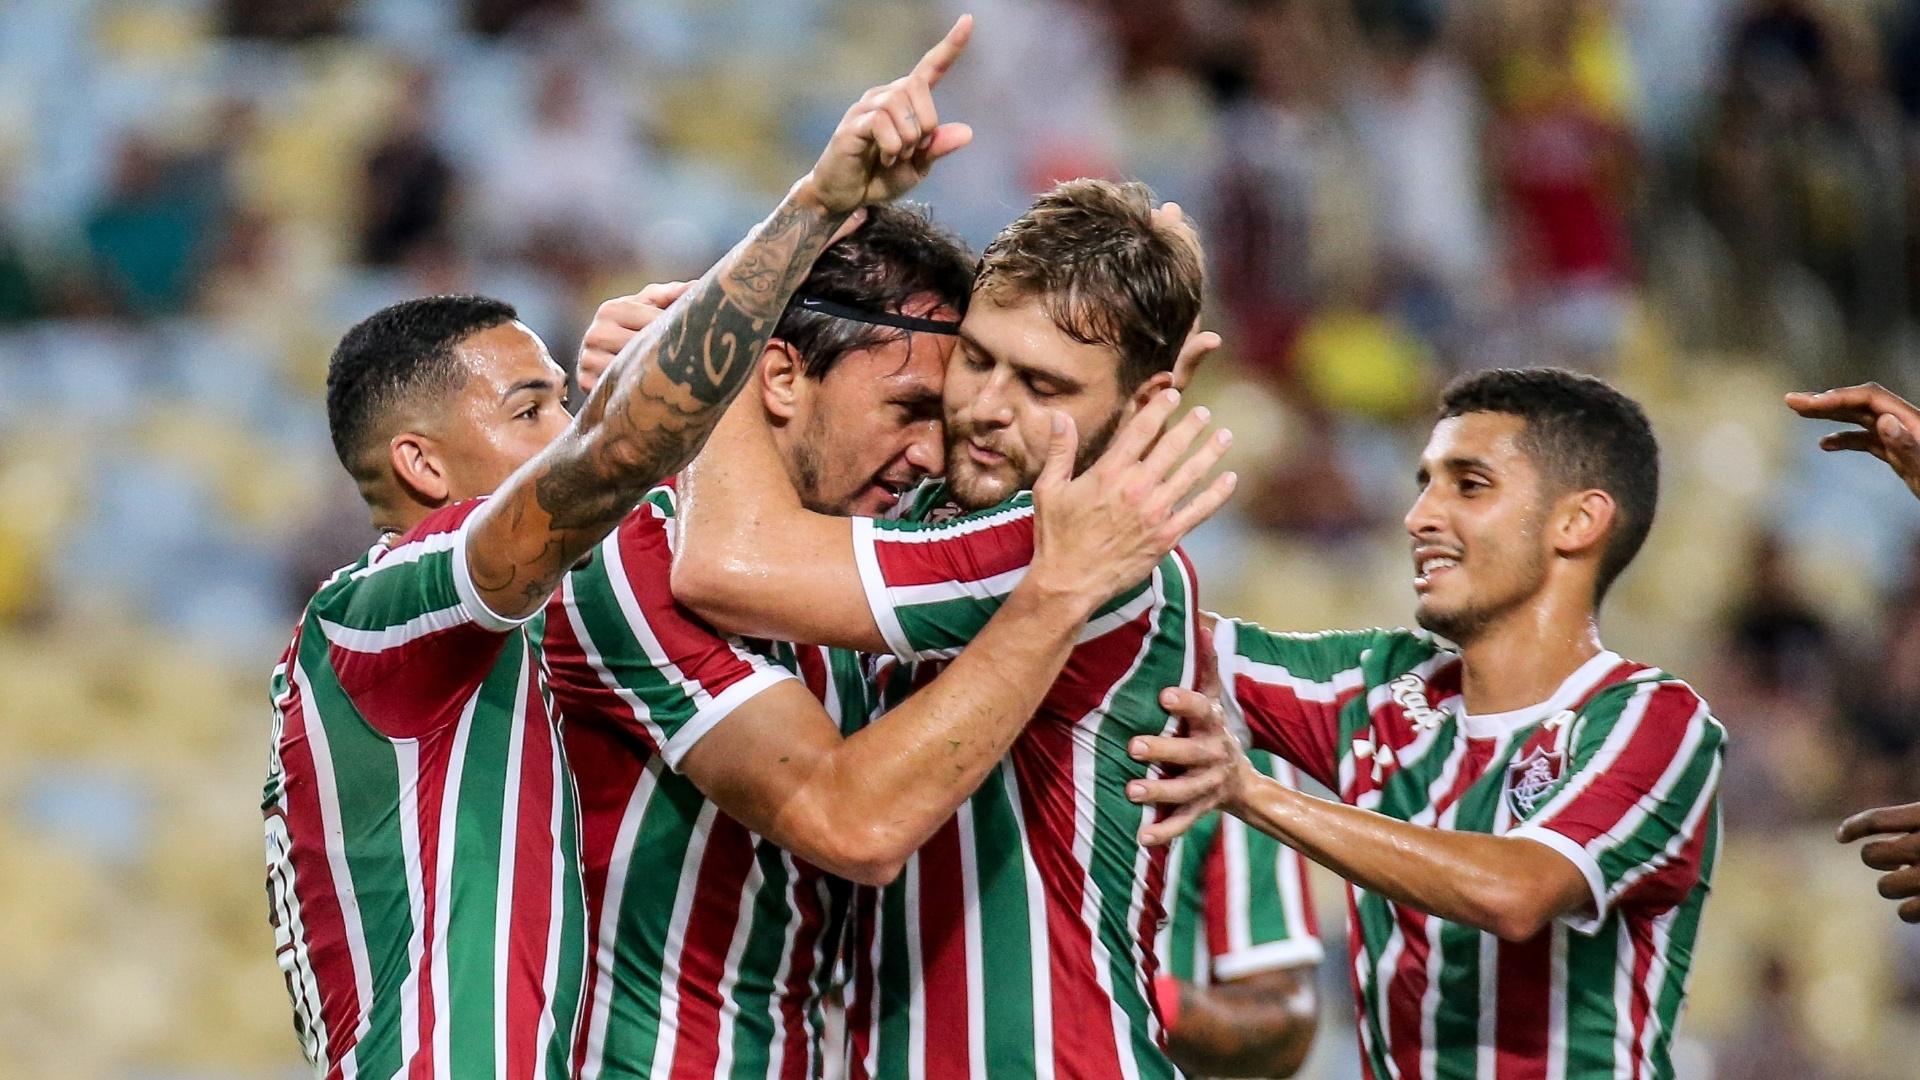 Jogadores do Fluminense comemoram gol contra o Madureira